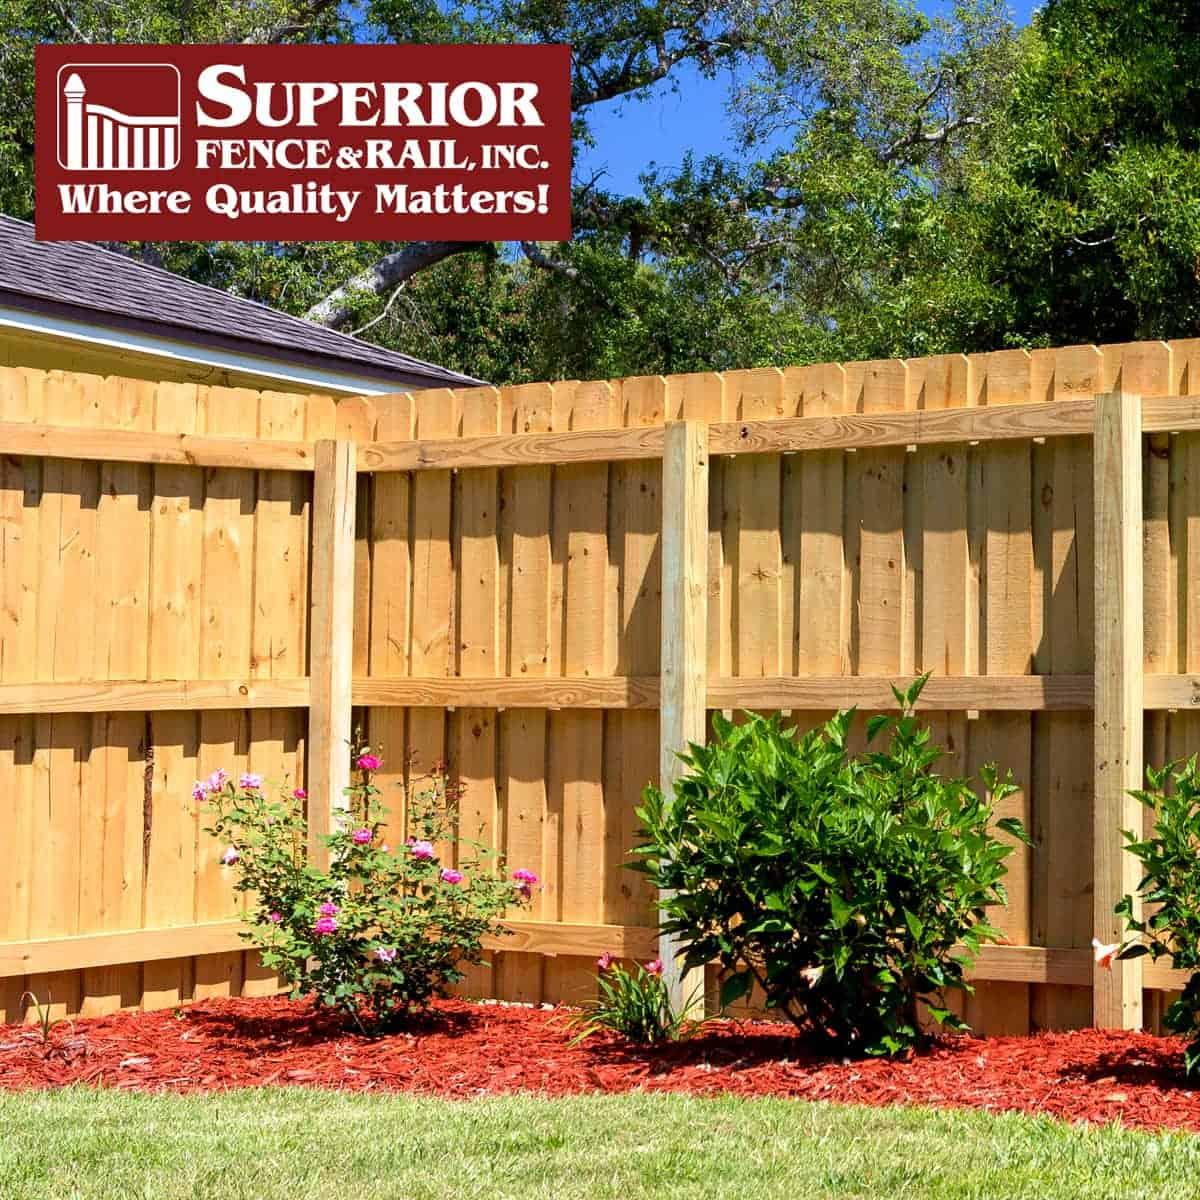 Centennial fence company contractor